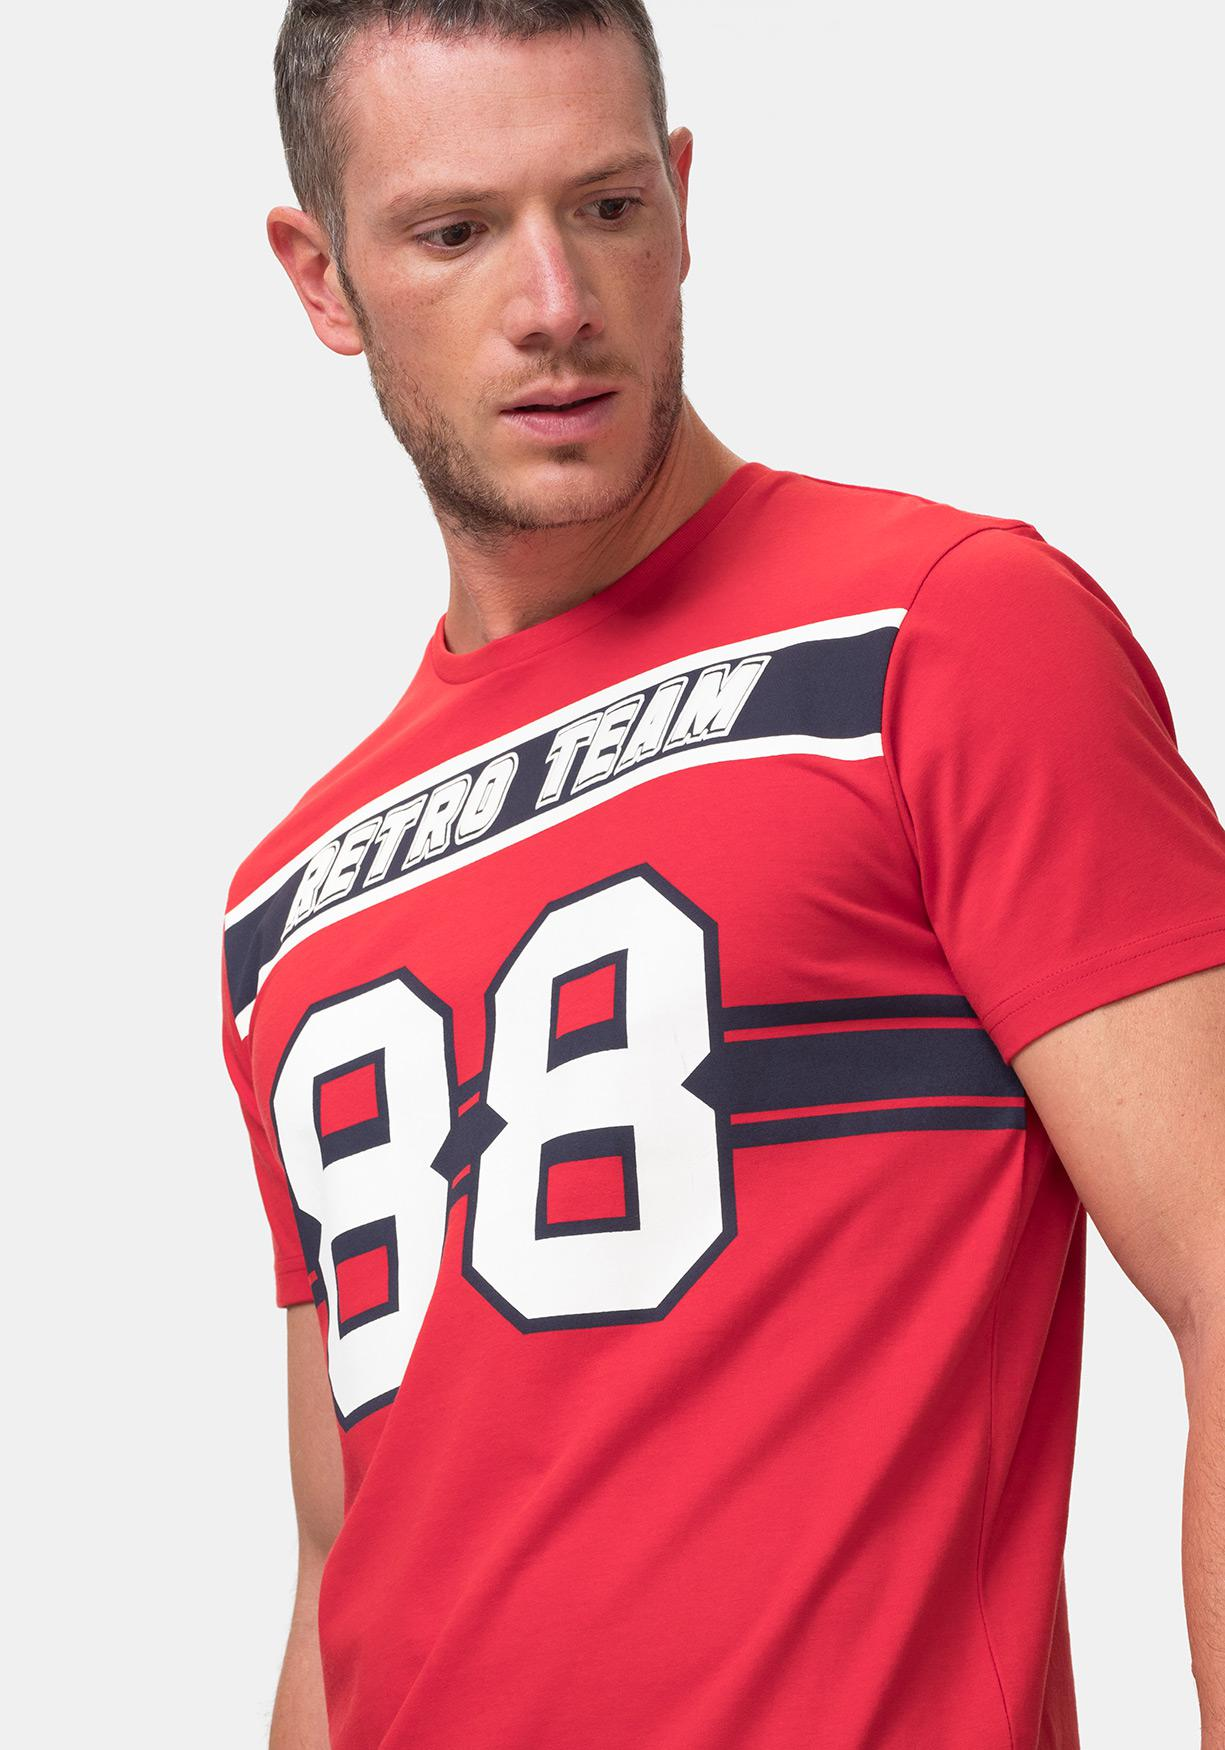 e9cb13974f Comprar Camiseta de manga corta estampada TEX. ¡Aprovéchate de ...